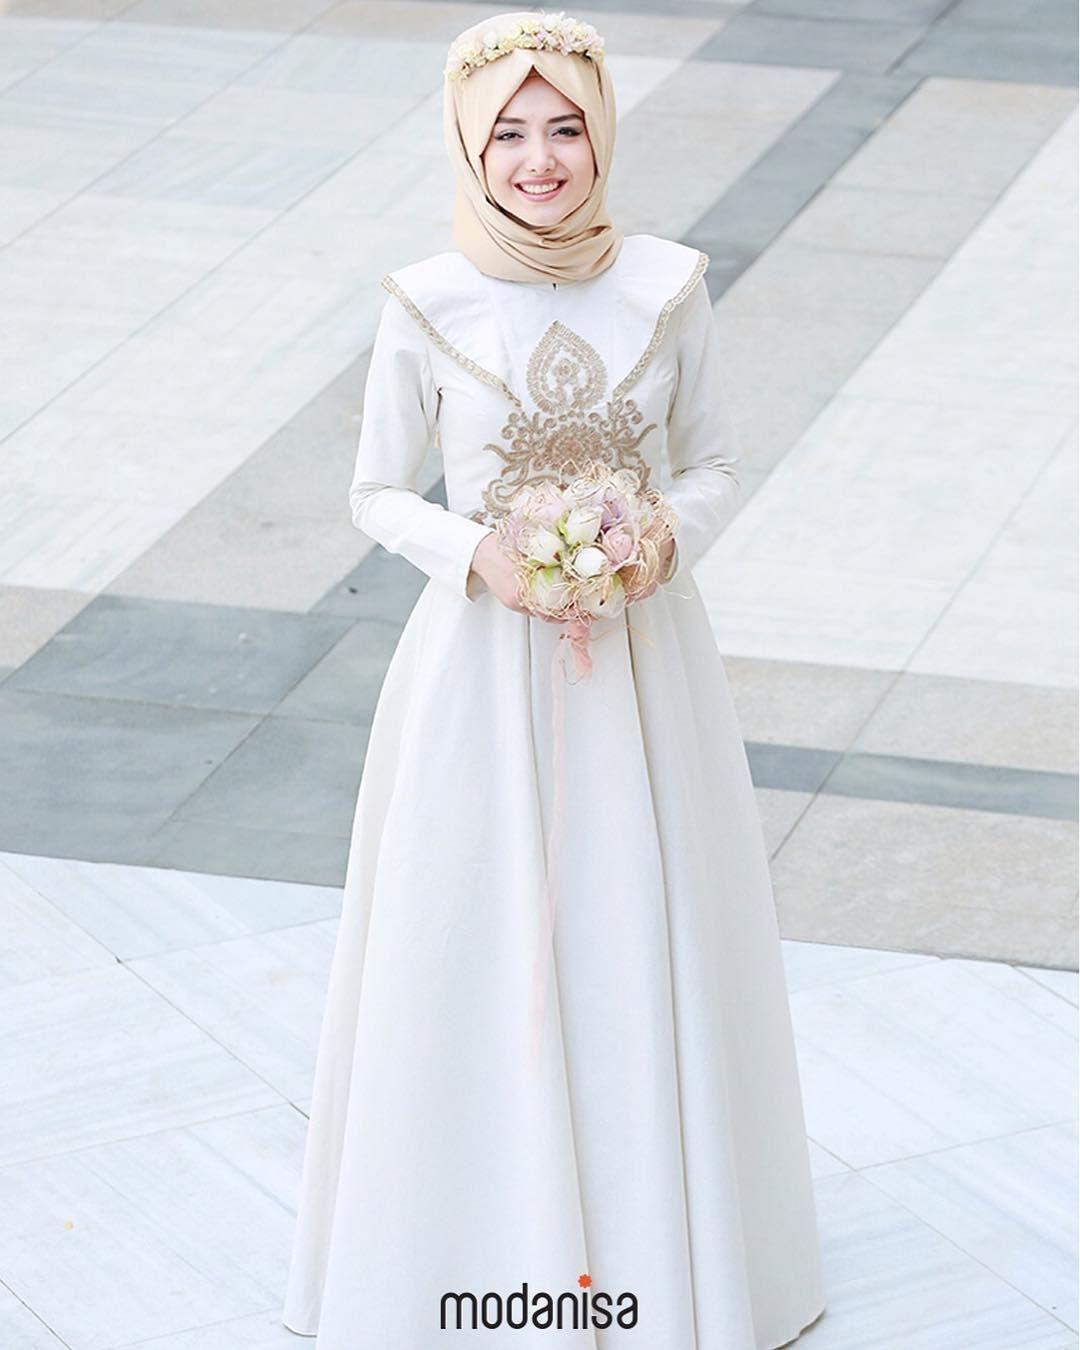 Gaun putih dengan aksesoris